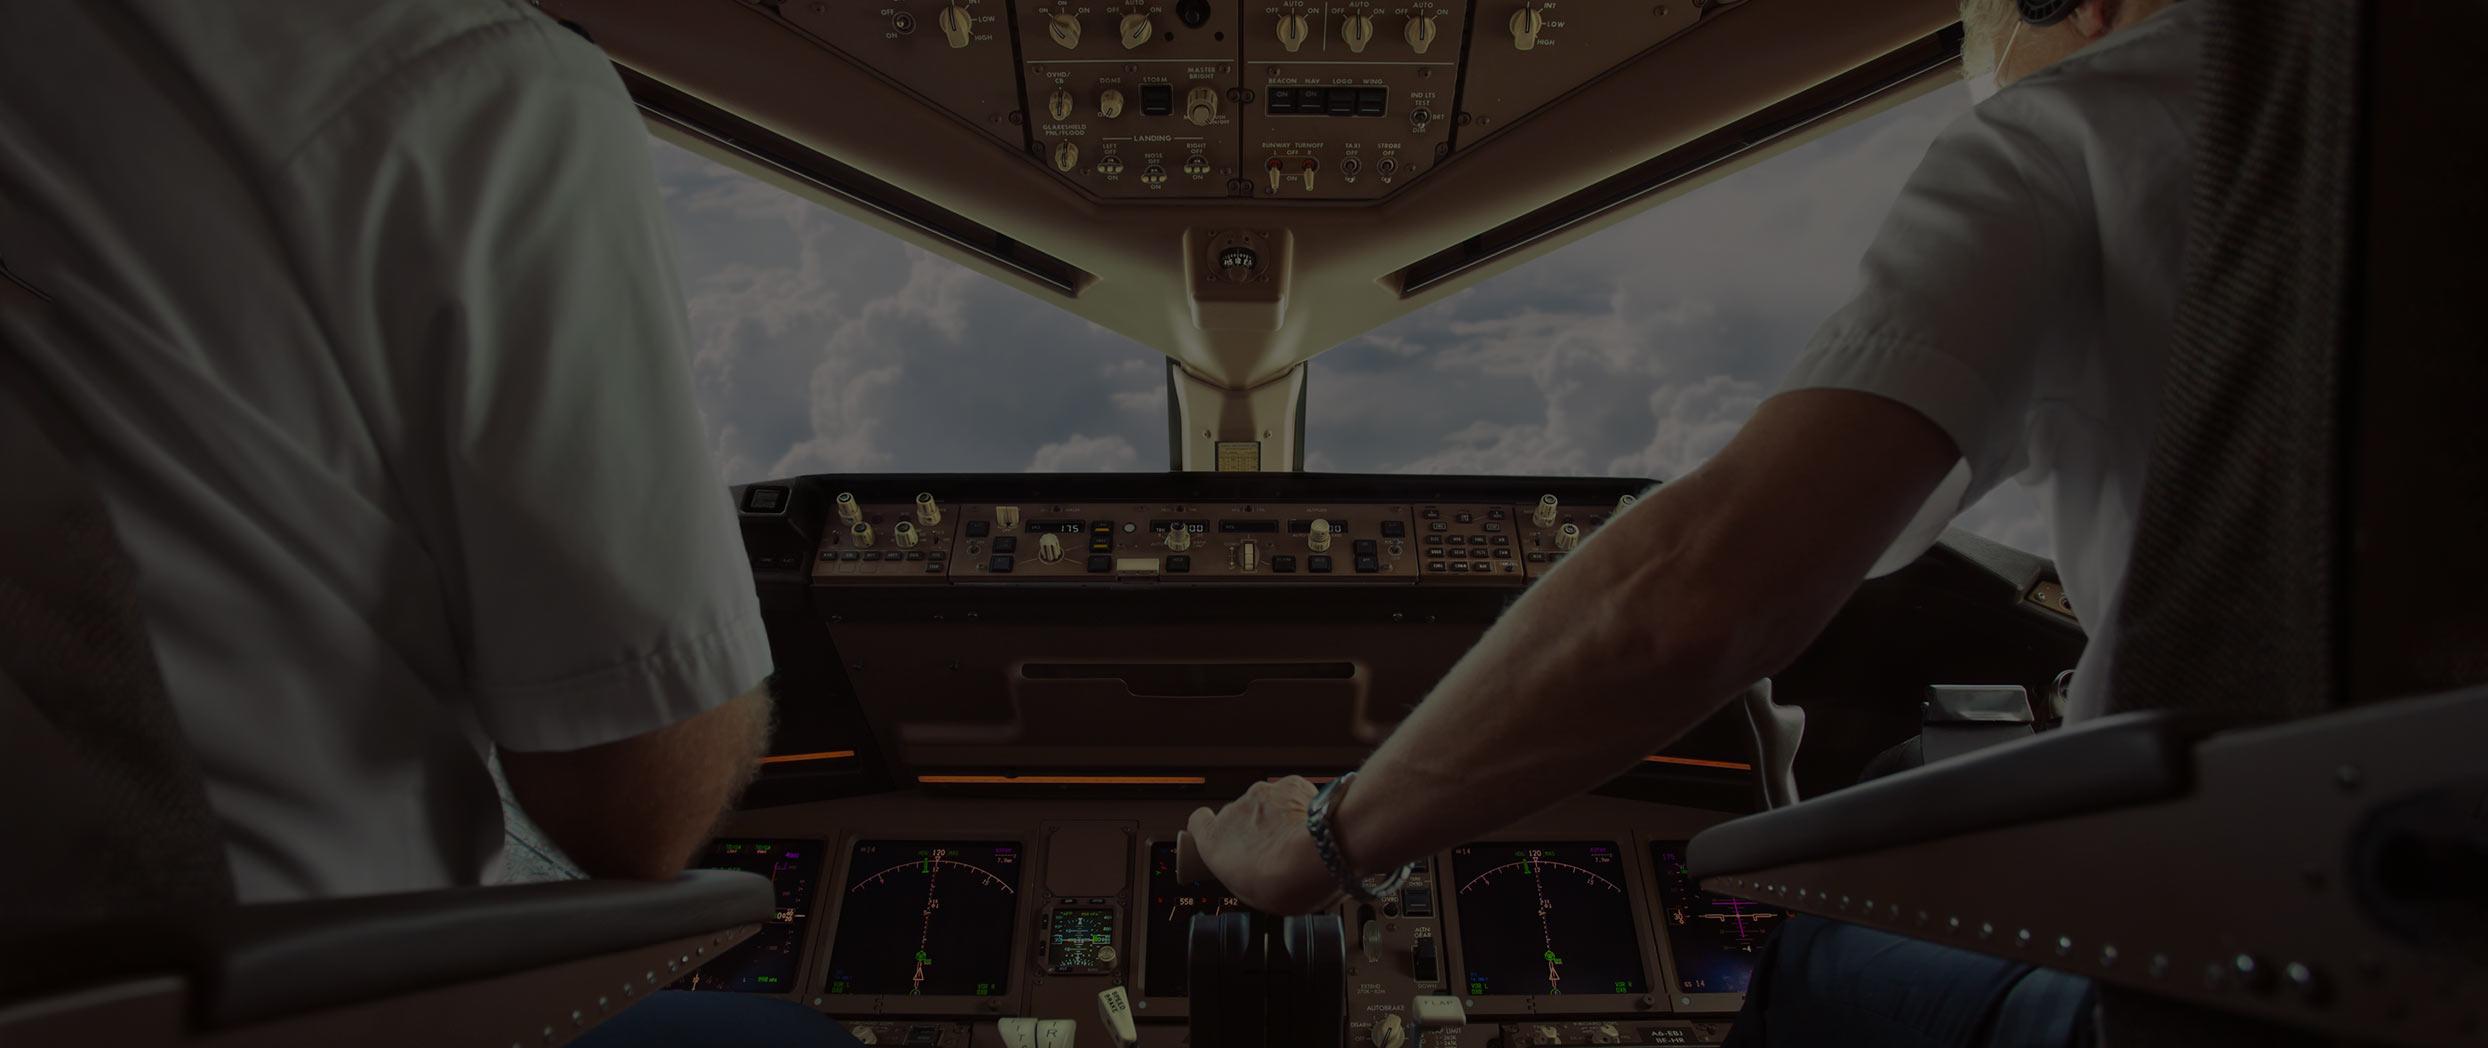 Brecha de datos de EasyJet: cómo debe protegerse el sector aéreo